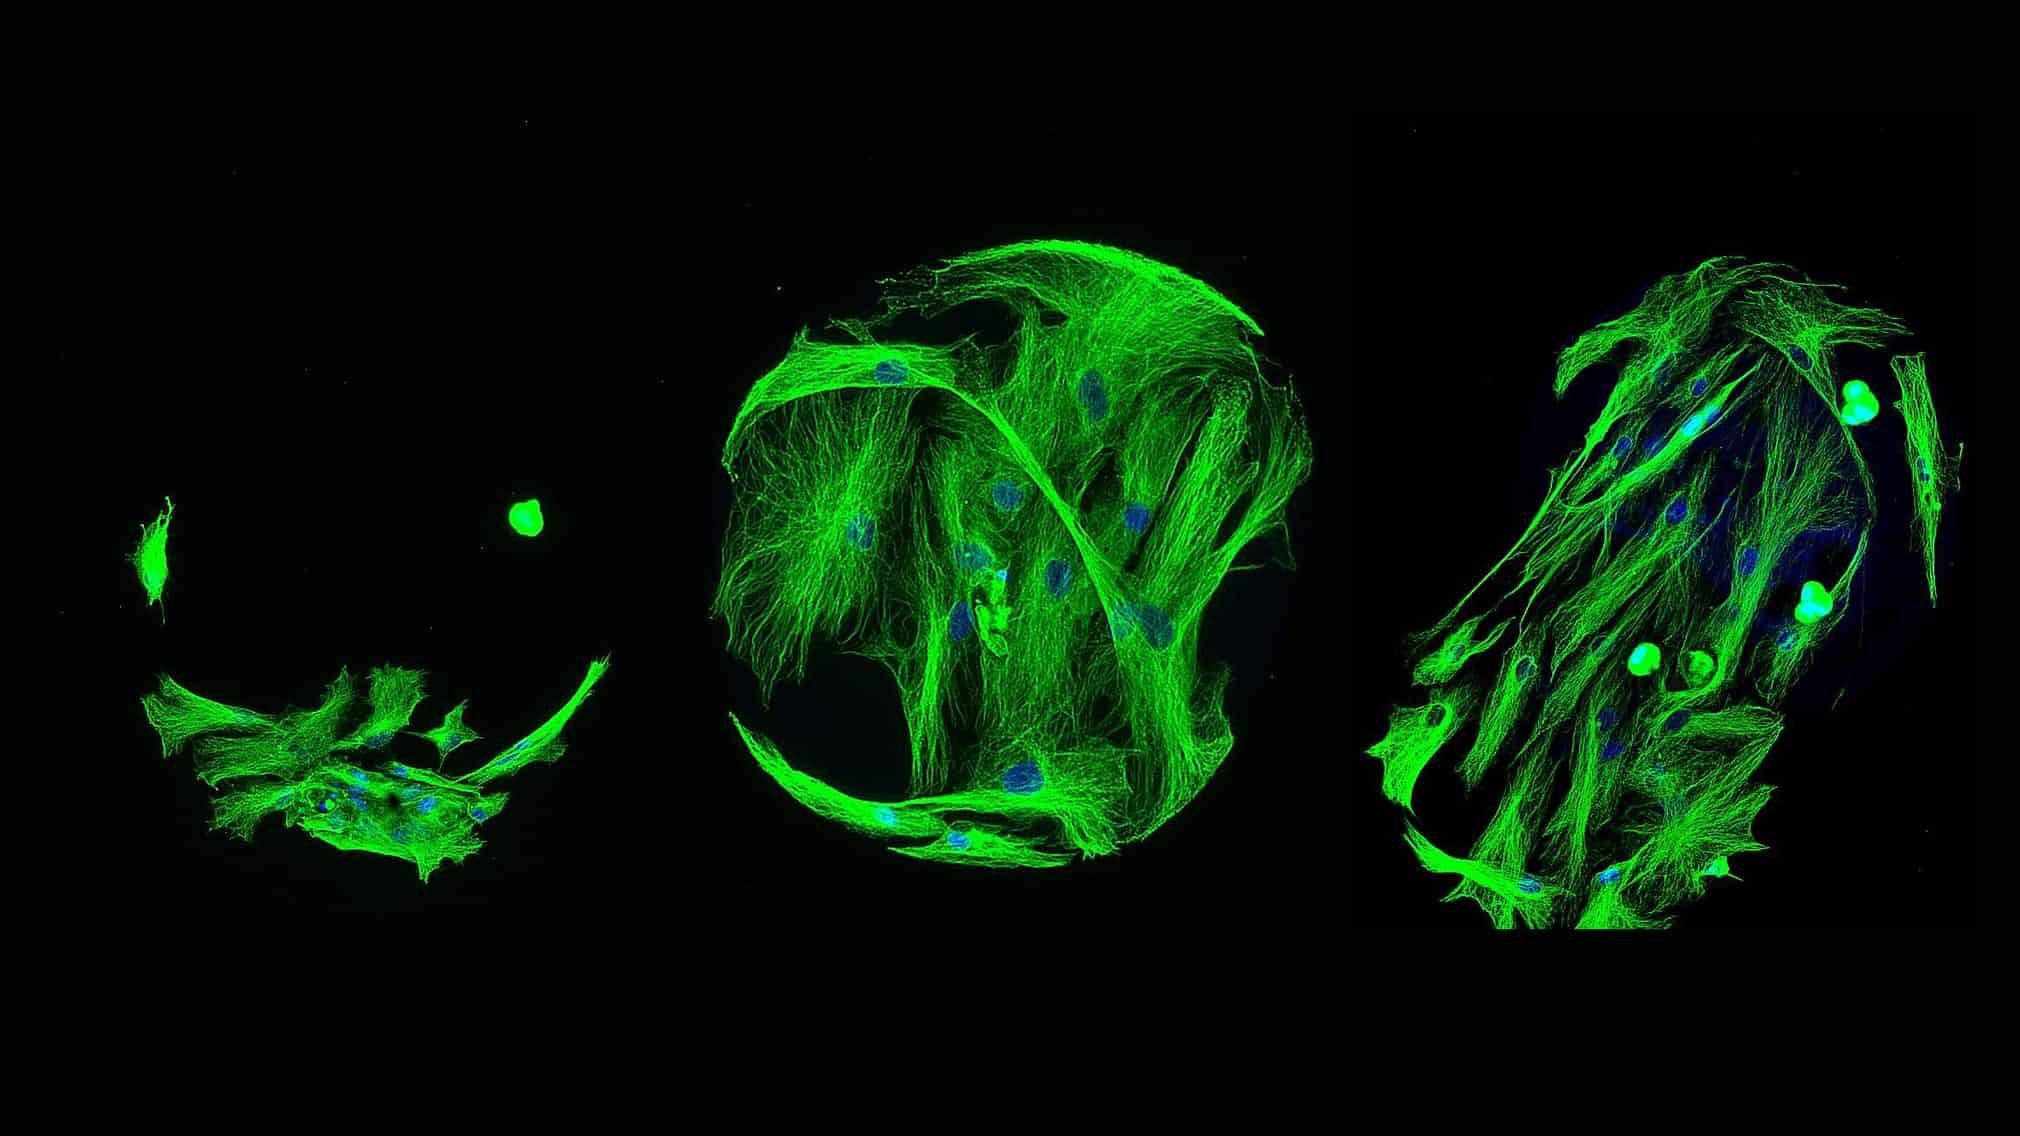 اسکرین صدها پلیمر برای کشف اثری که بر سلول مزانشیمی میگذارند. دکتر Mahetab Amer از دانشگاه نوتینگهام.